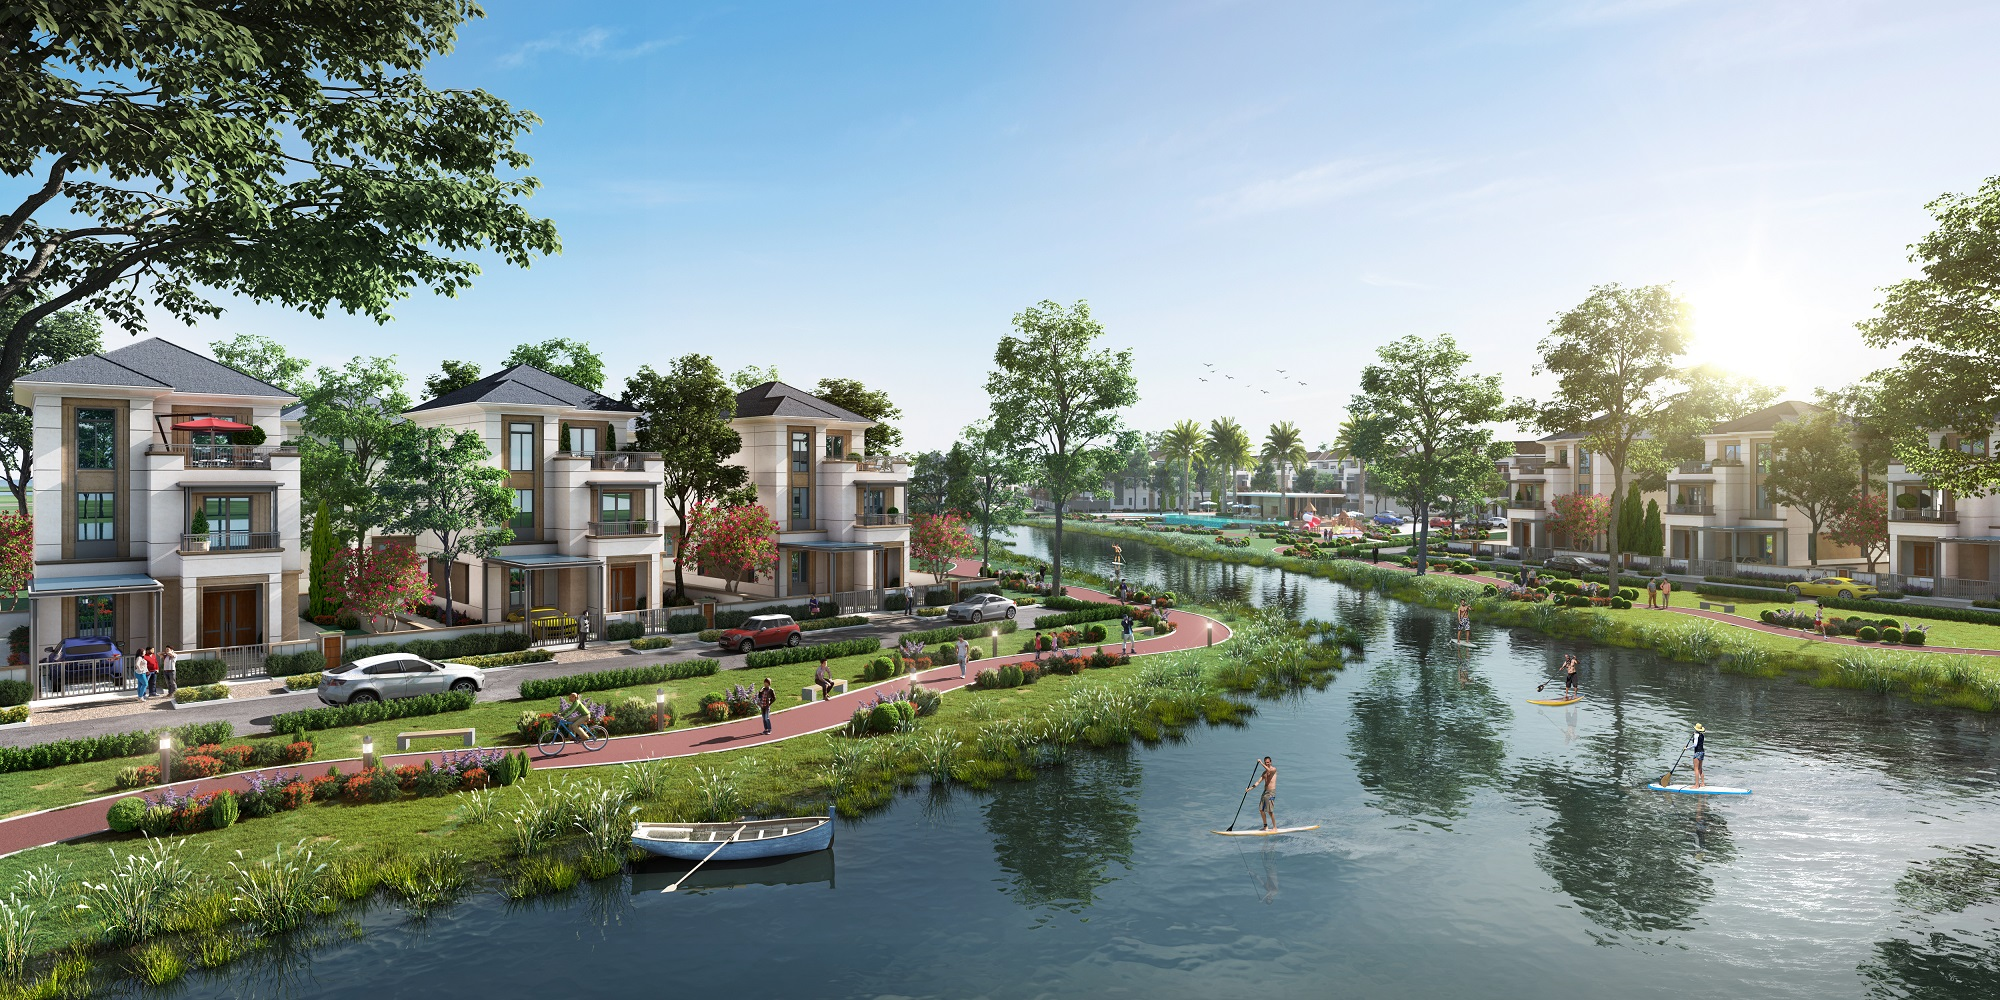 Thừa hưởng yếu tố thiên nhiên hiện hữu với ba mặt giáp sông cùng chuỗi tiện ích hoàn chỉnh, Aqua City mang đến không gian sống lý tưởng cho cư dân